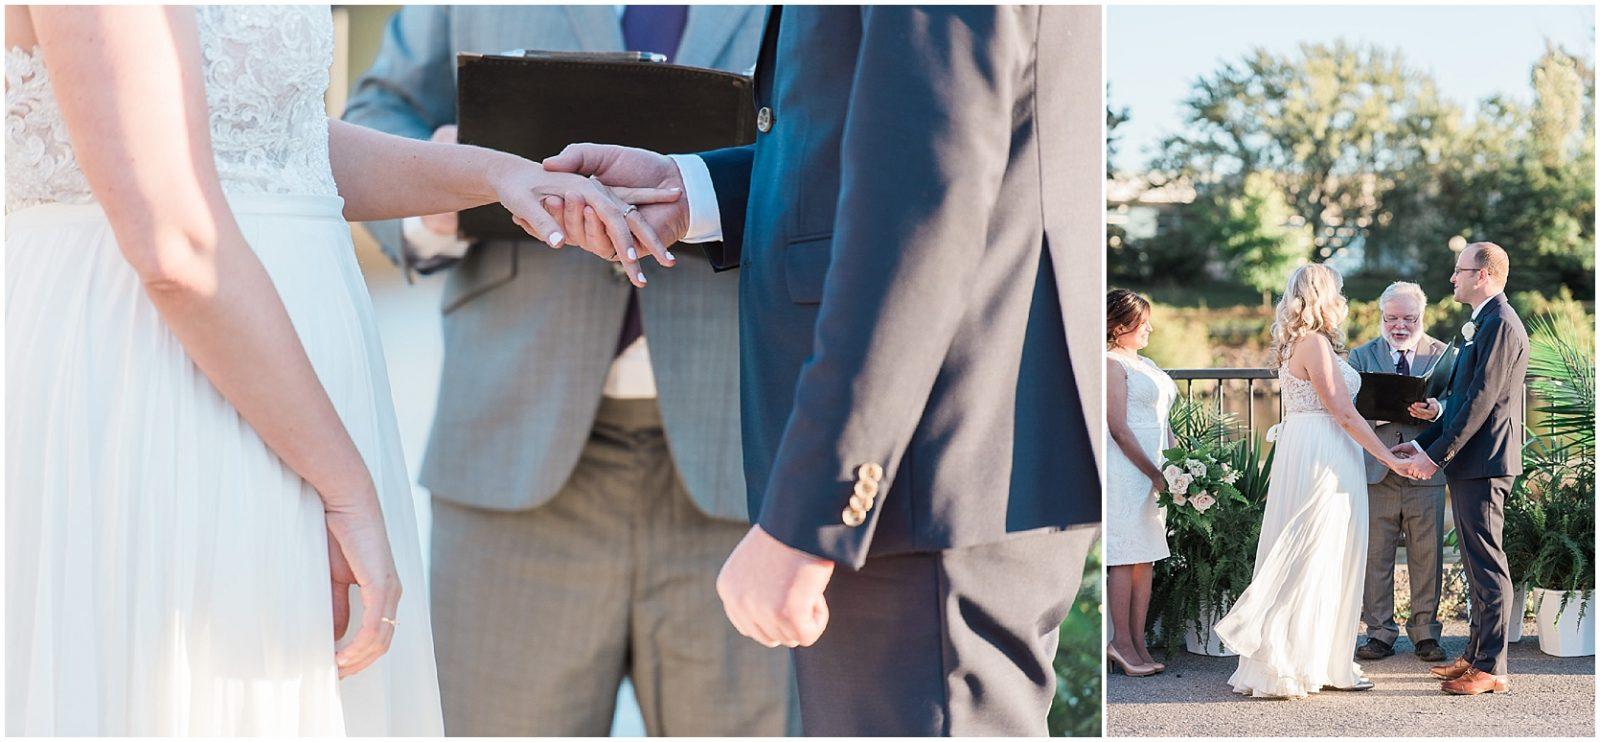 0160 SS-Late Summer Wedding at Zibi - Ottawa_PhotosbyEmmaH_WEB.jpg